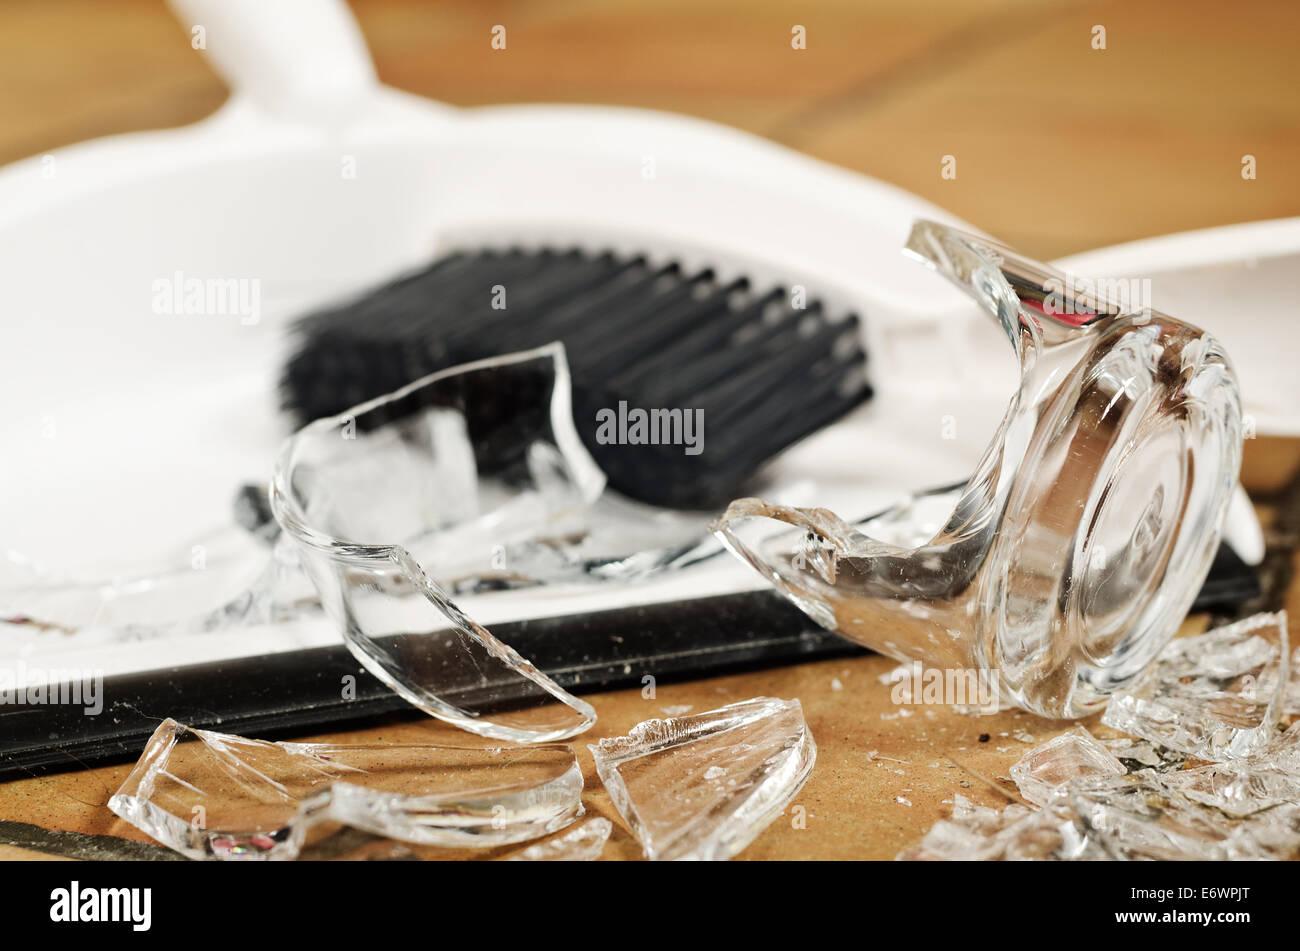 Reste Haufen Glasscherben am Boden nach Unfall und Glas aus nassen Händen gerutscht umgestoßen Stockbild